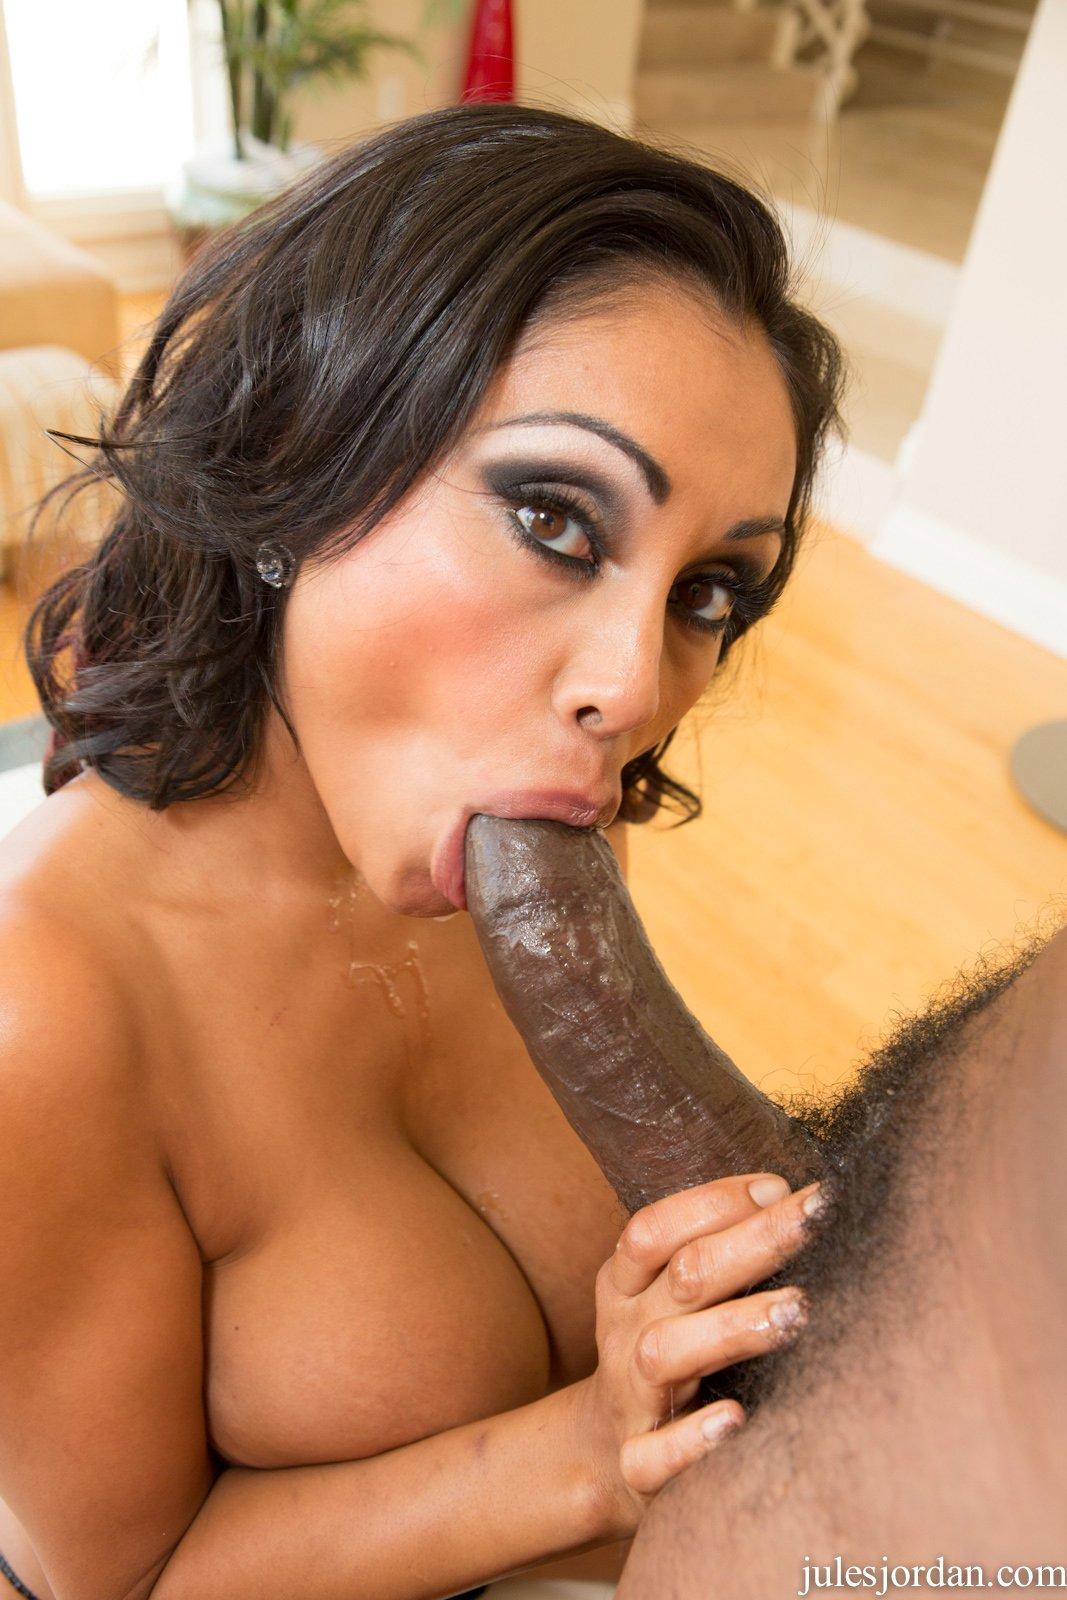 priya rai gets anal